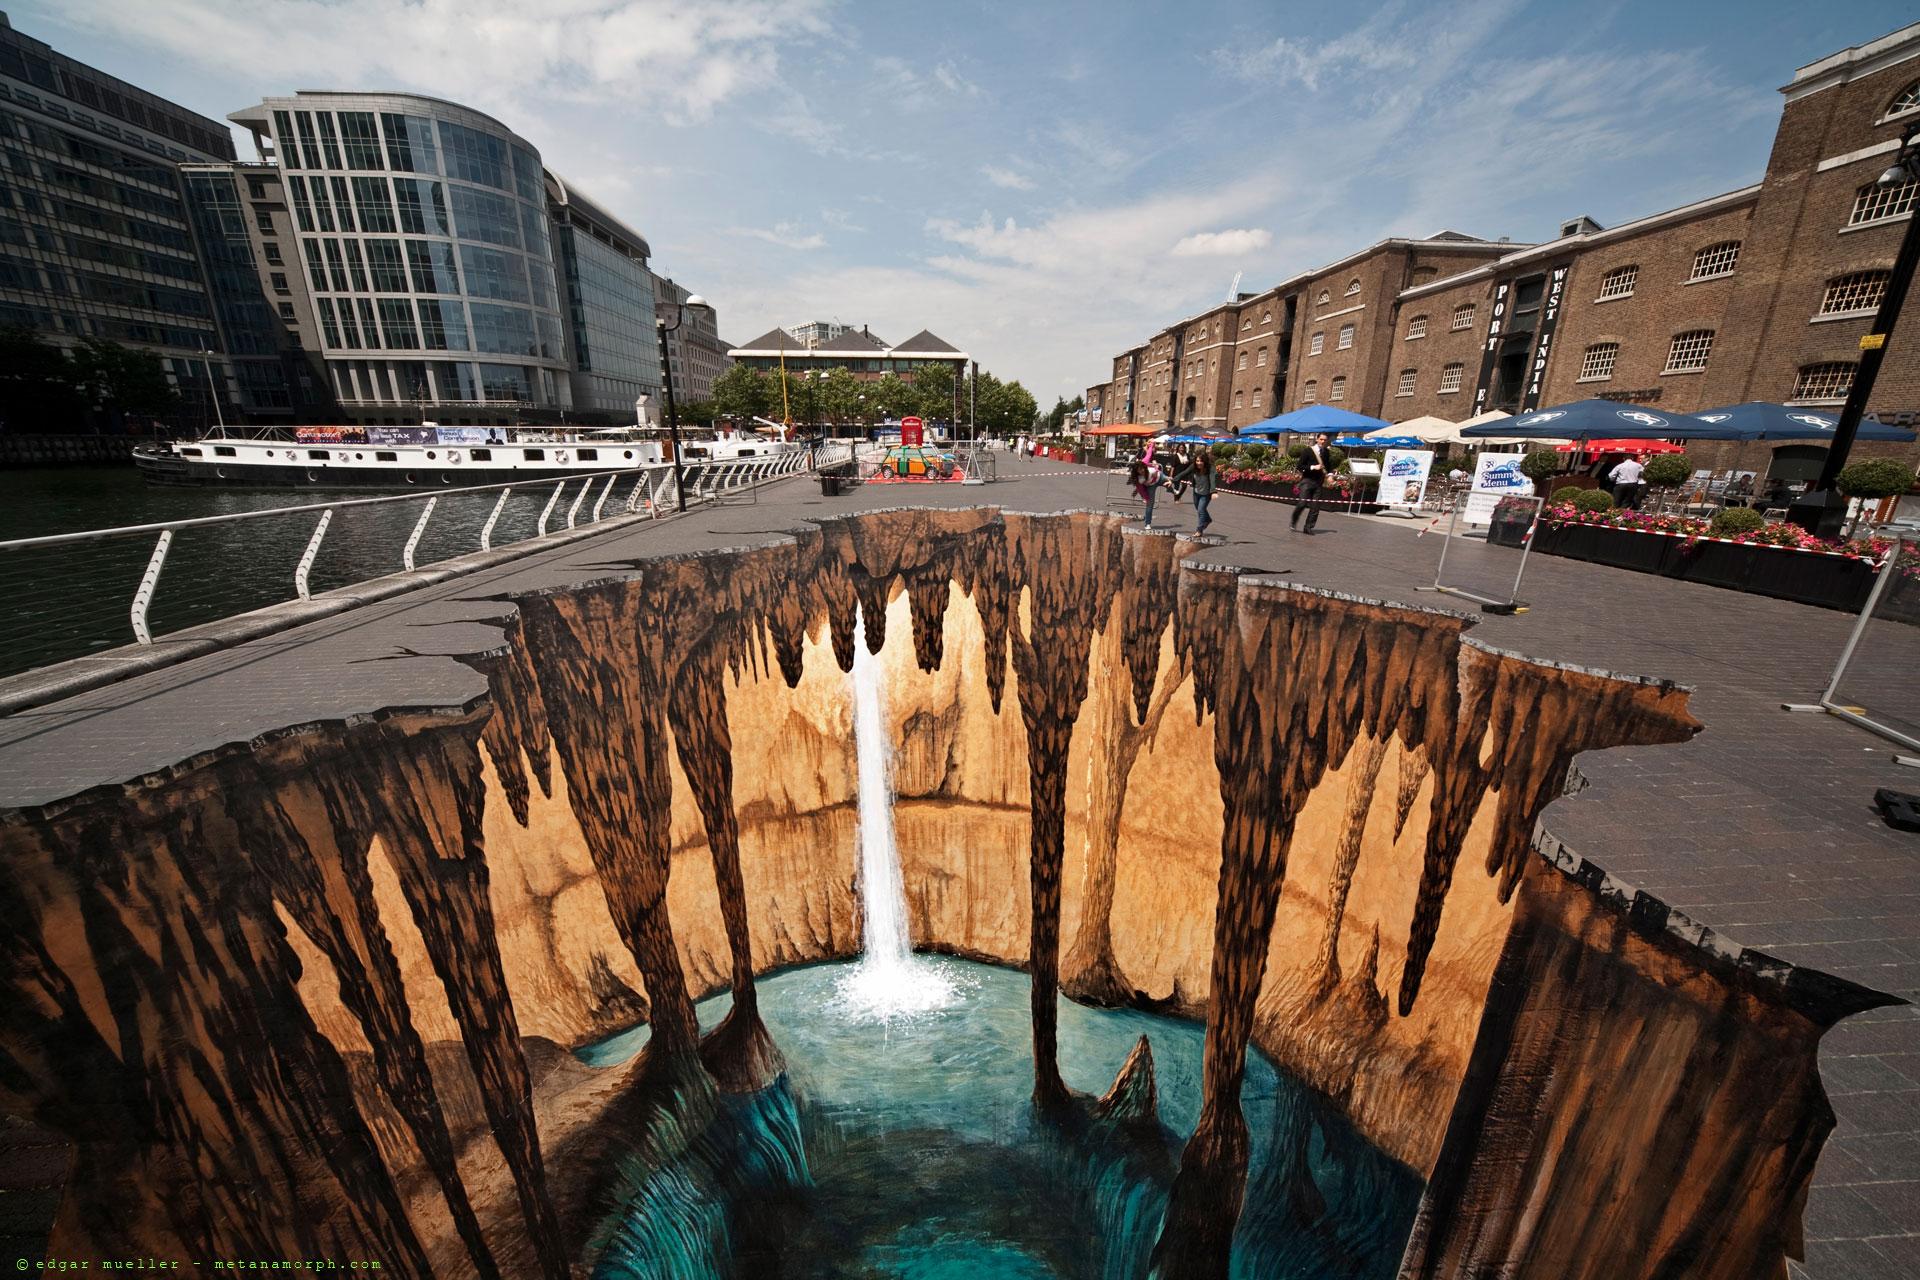 Stunning 3D Street Art Photos